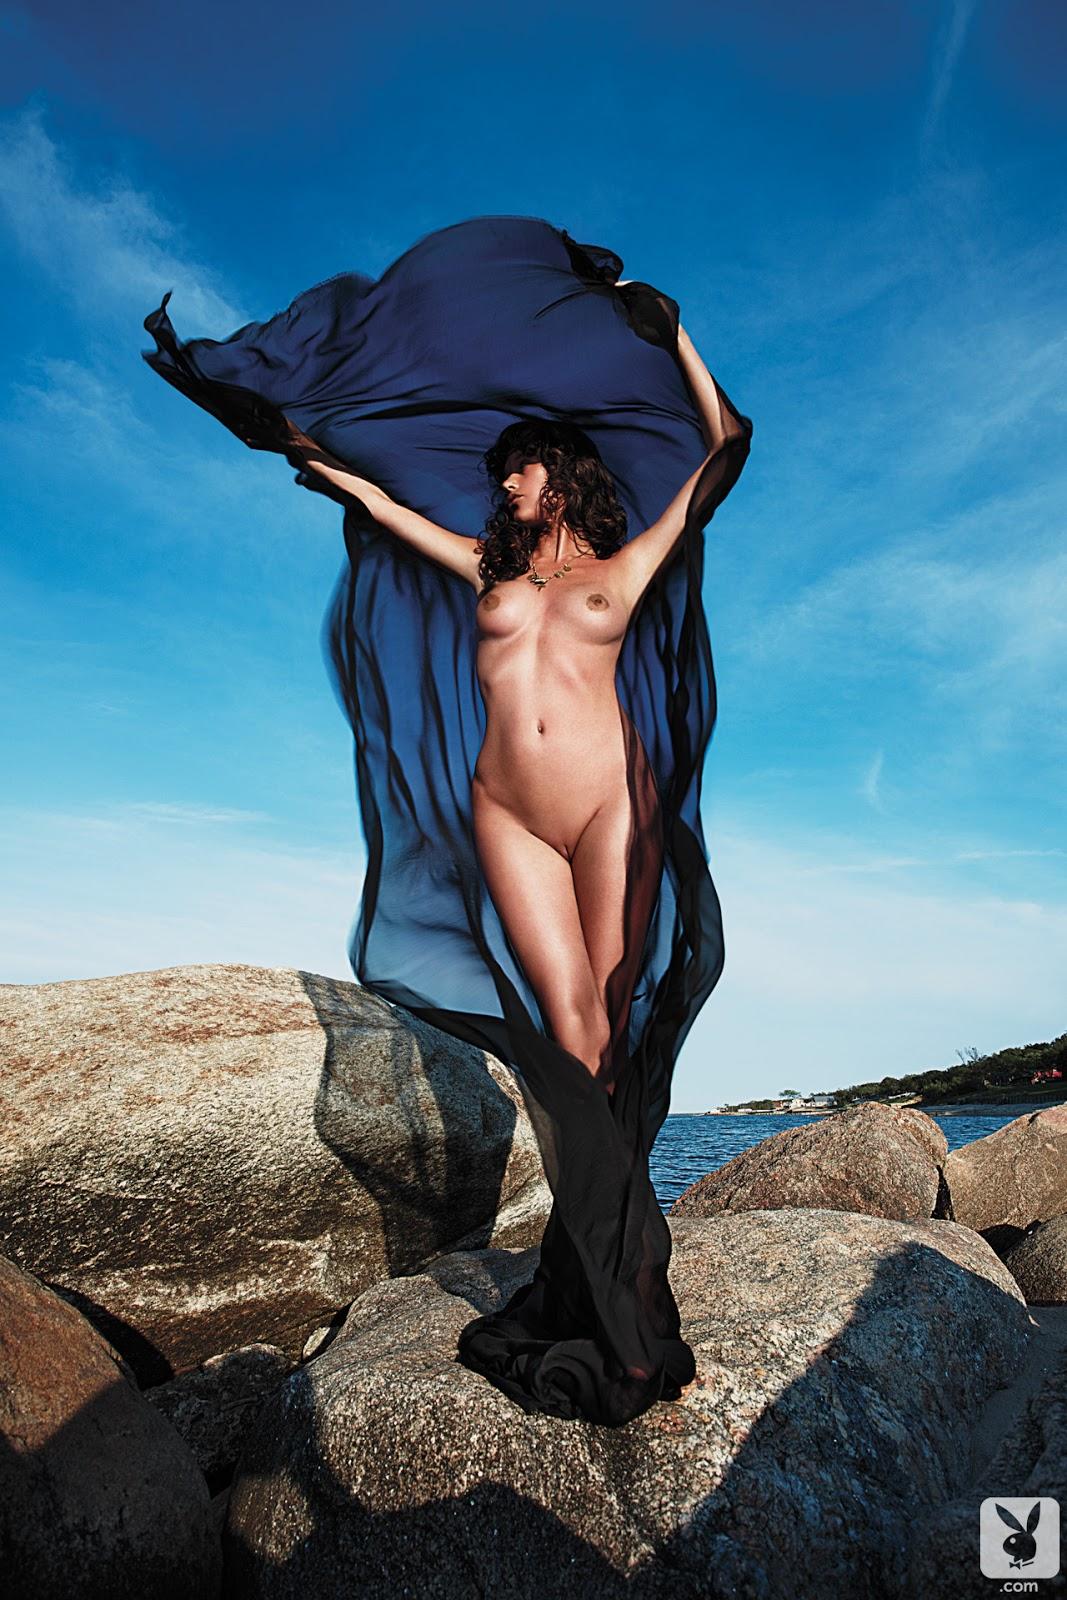 http://2.bp.blogspot.com/-_s7tT3XFLGE/UNDhQvTY0LI/AAAAAAAAKCc/g5MQw2X1ovU/s1600/Paz+de+la+Huerta+Playboy+2013+017.jpg